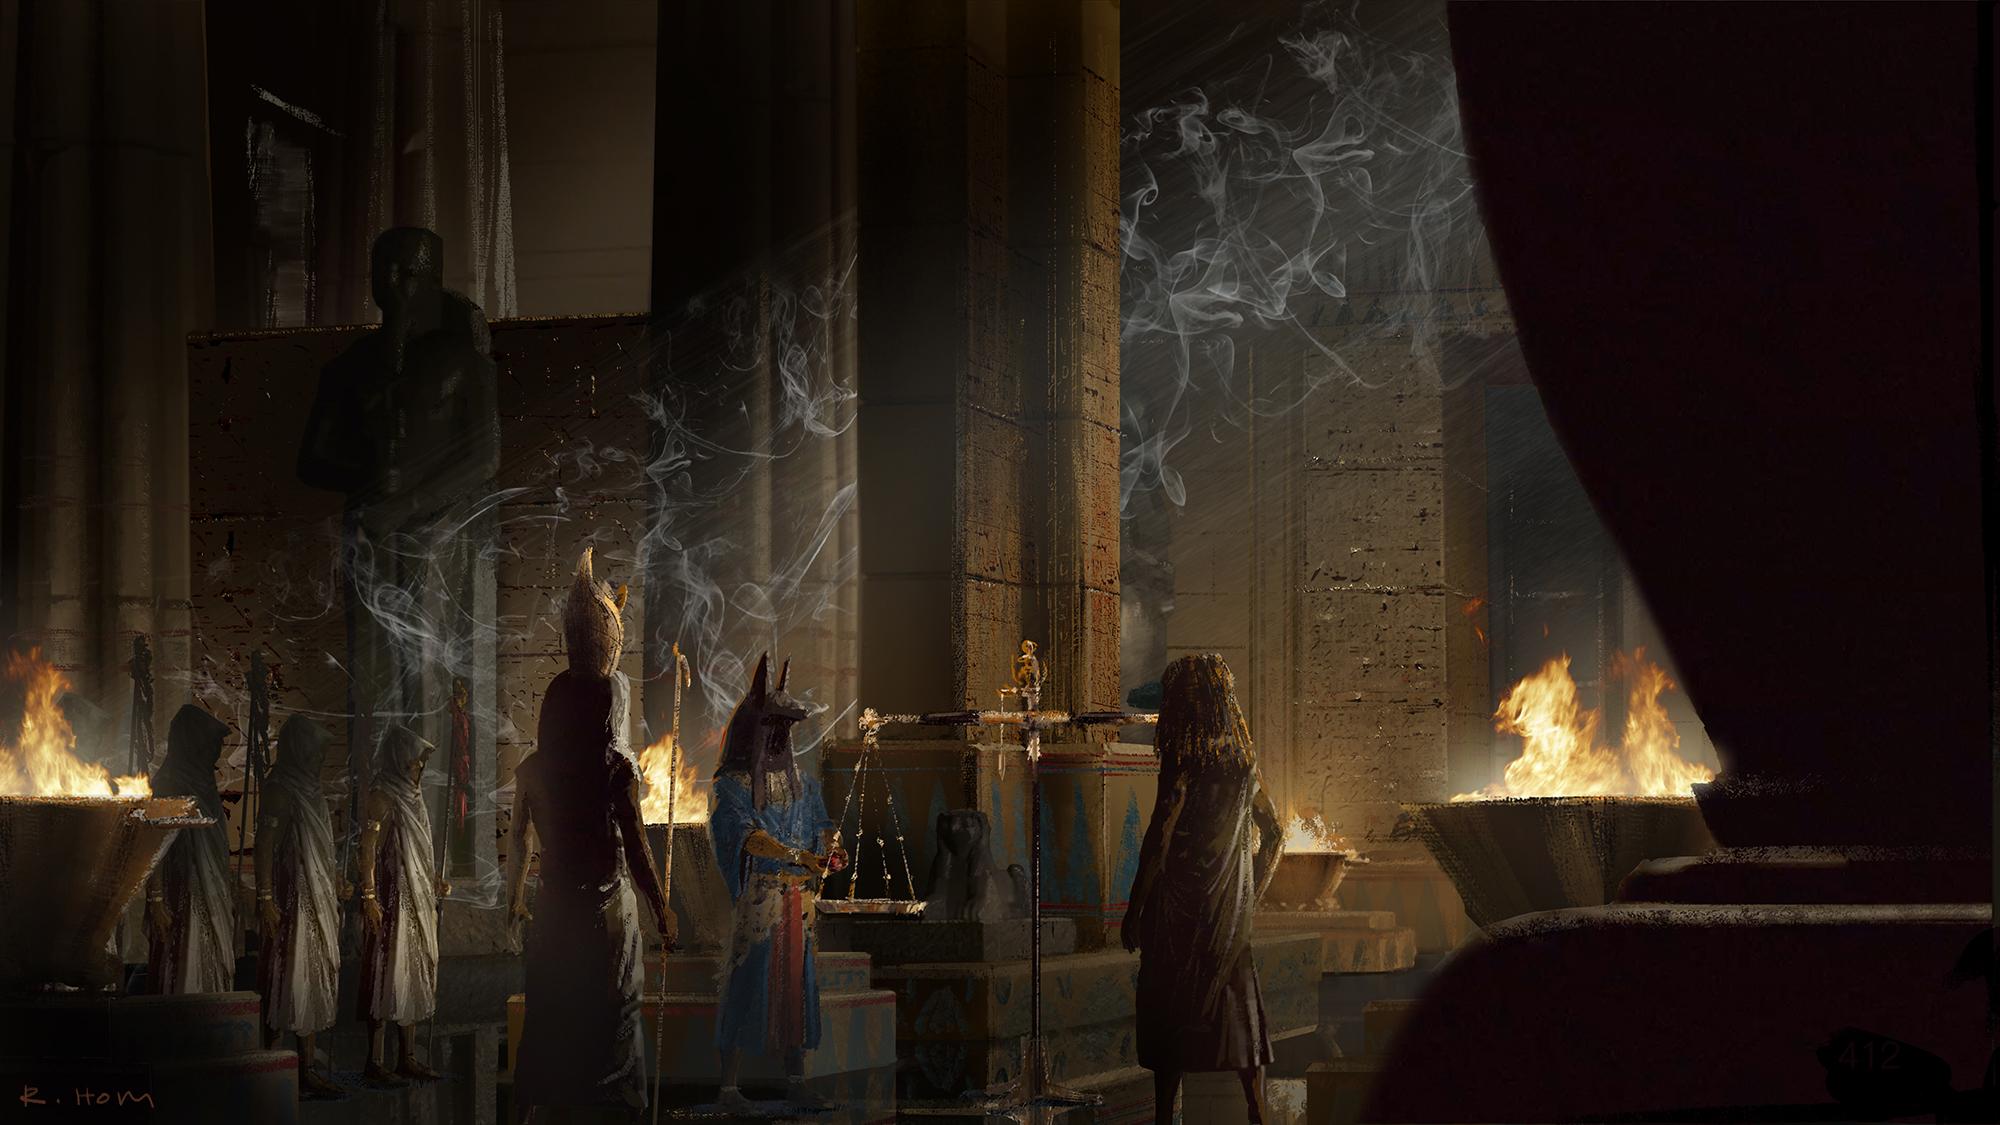 Assassins-Creed-003-Roger-Hom-2k.jpg